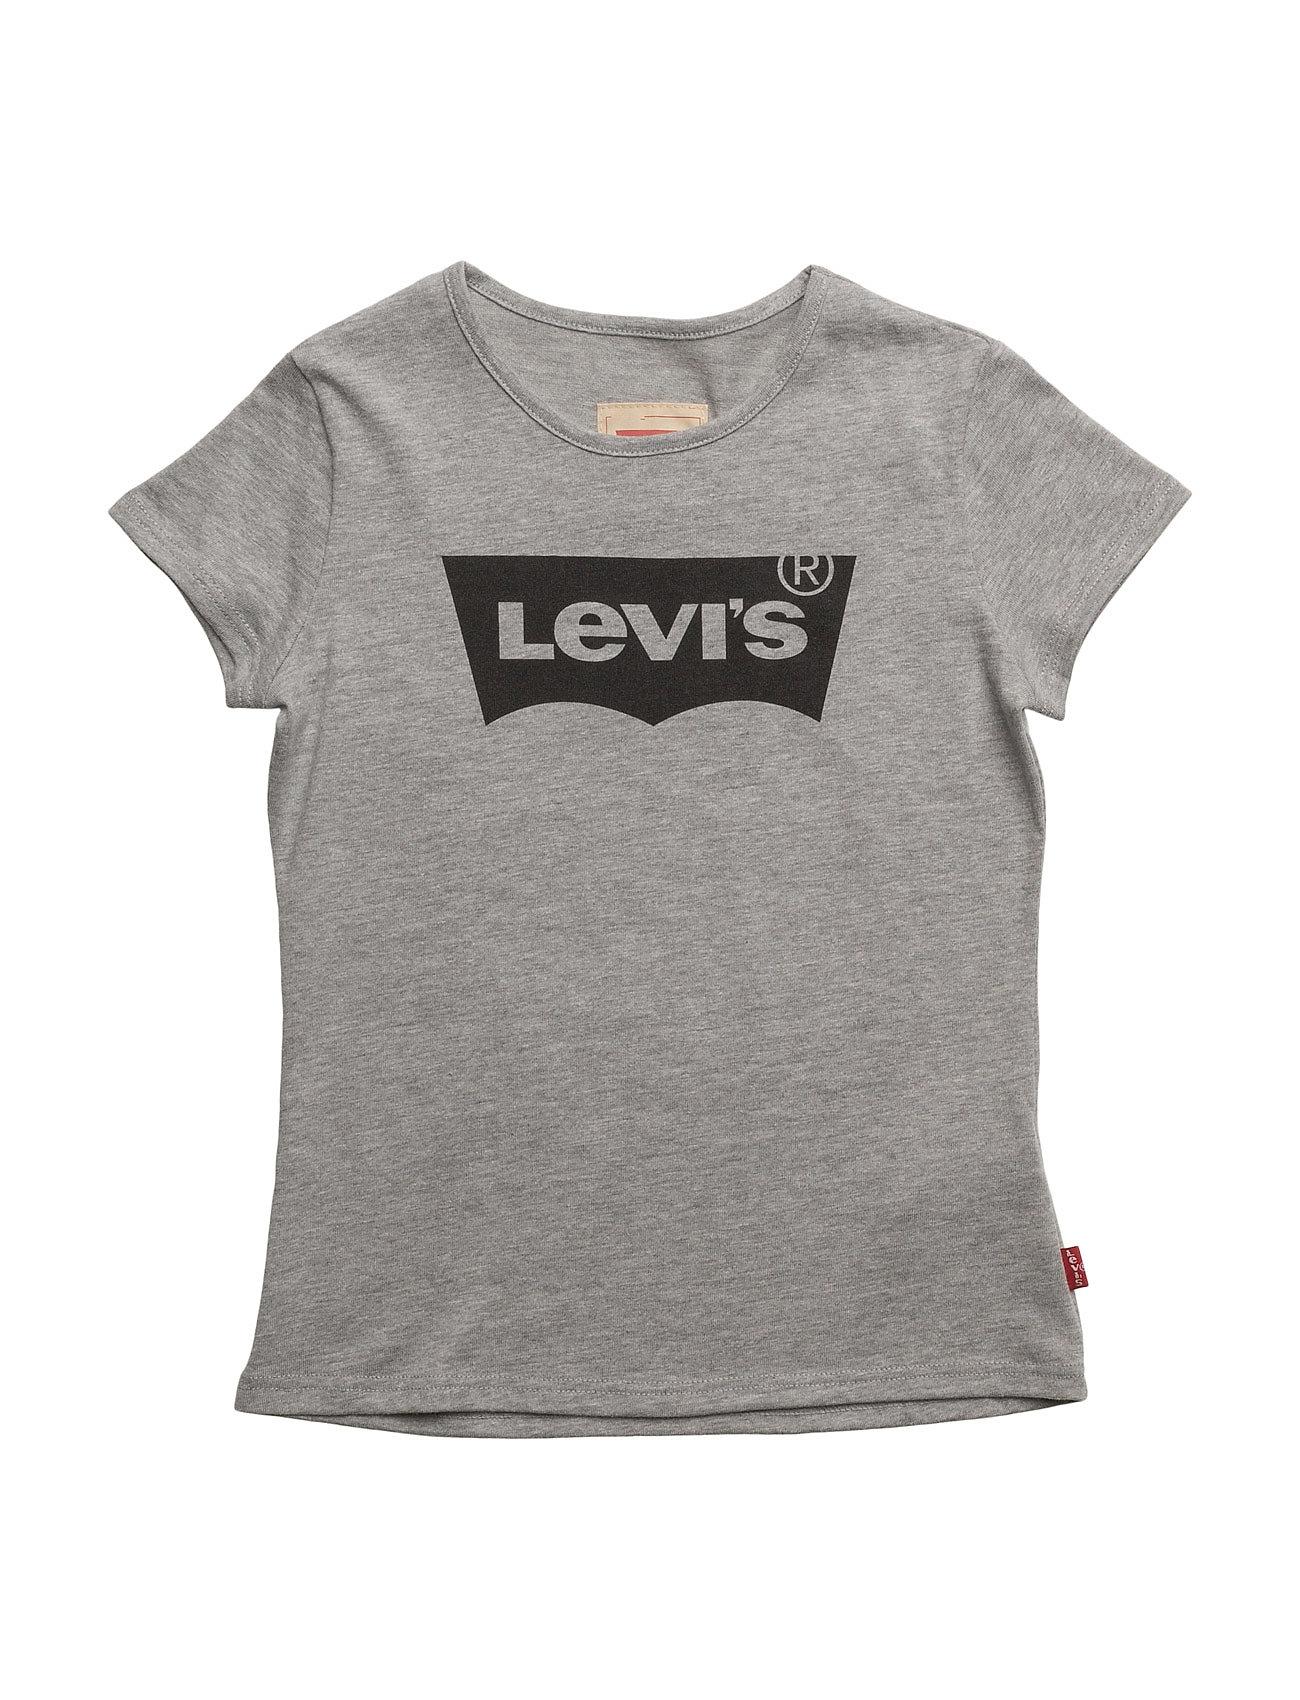 Levi's SS TEE NOS BAT - CHINA GREY